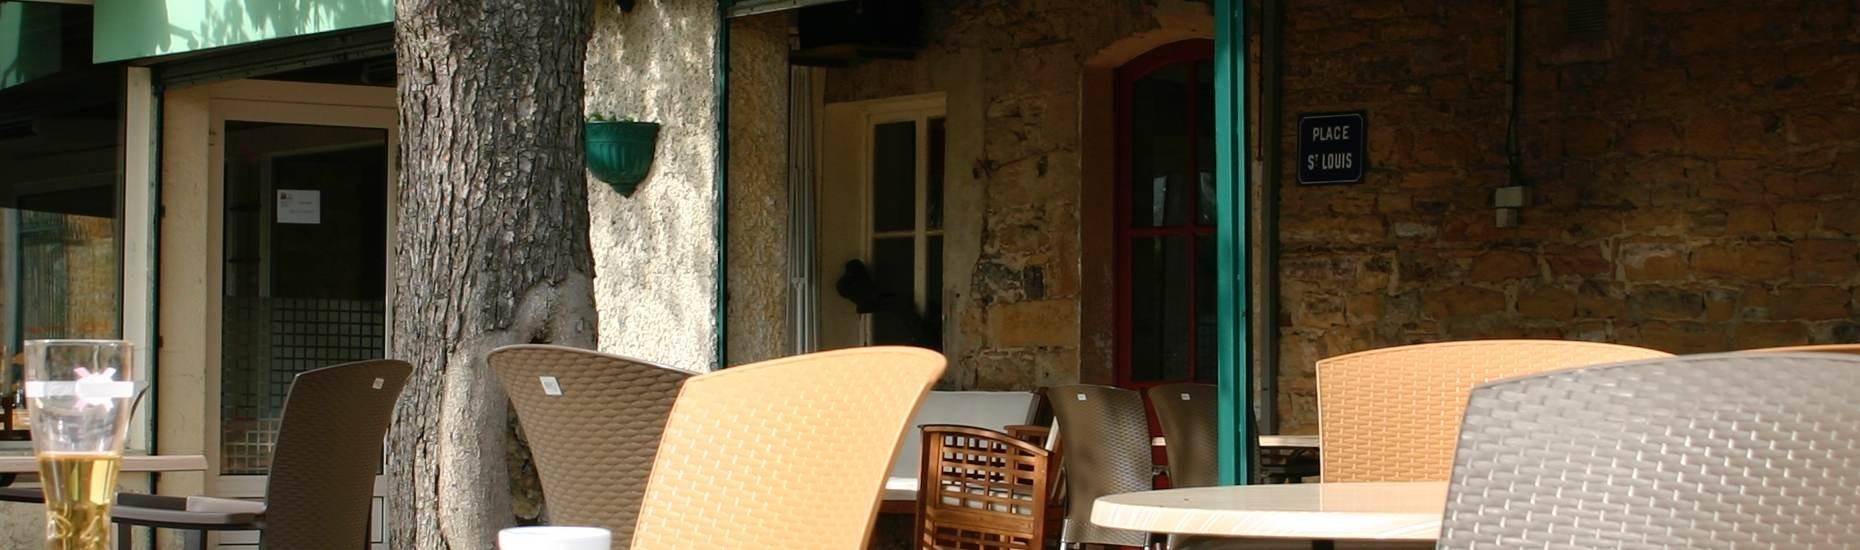 Restaurant avec terrasse au bord de l'eau à Reyrieux